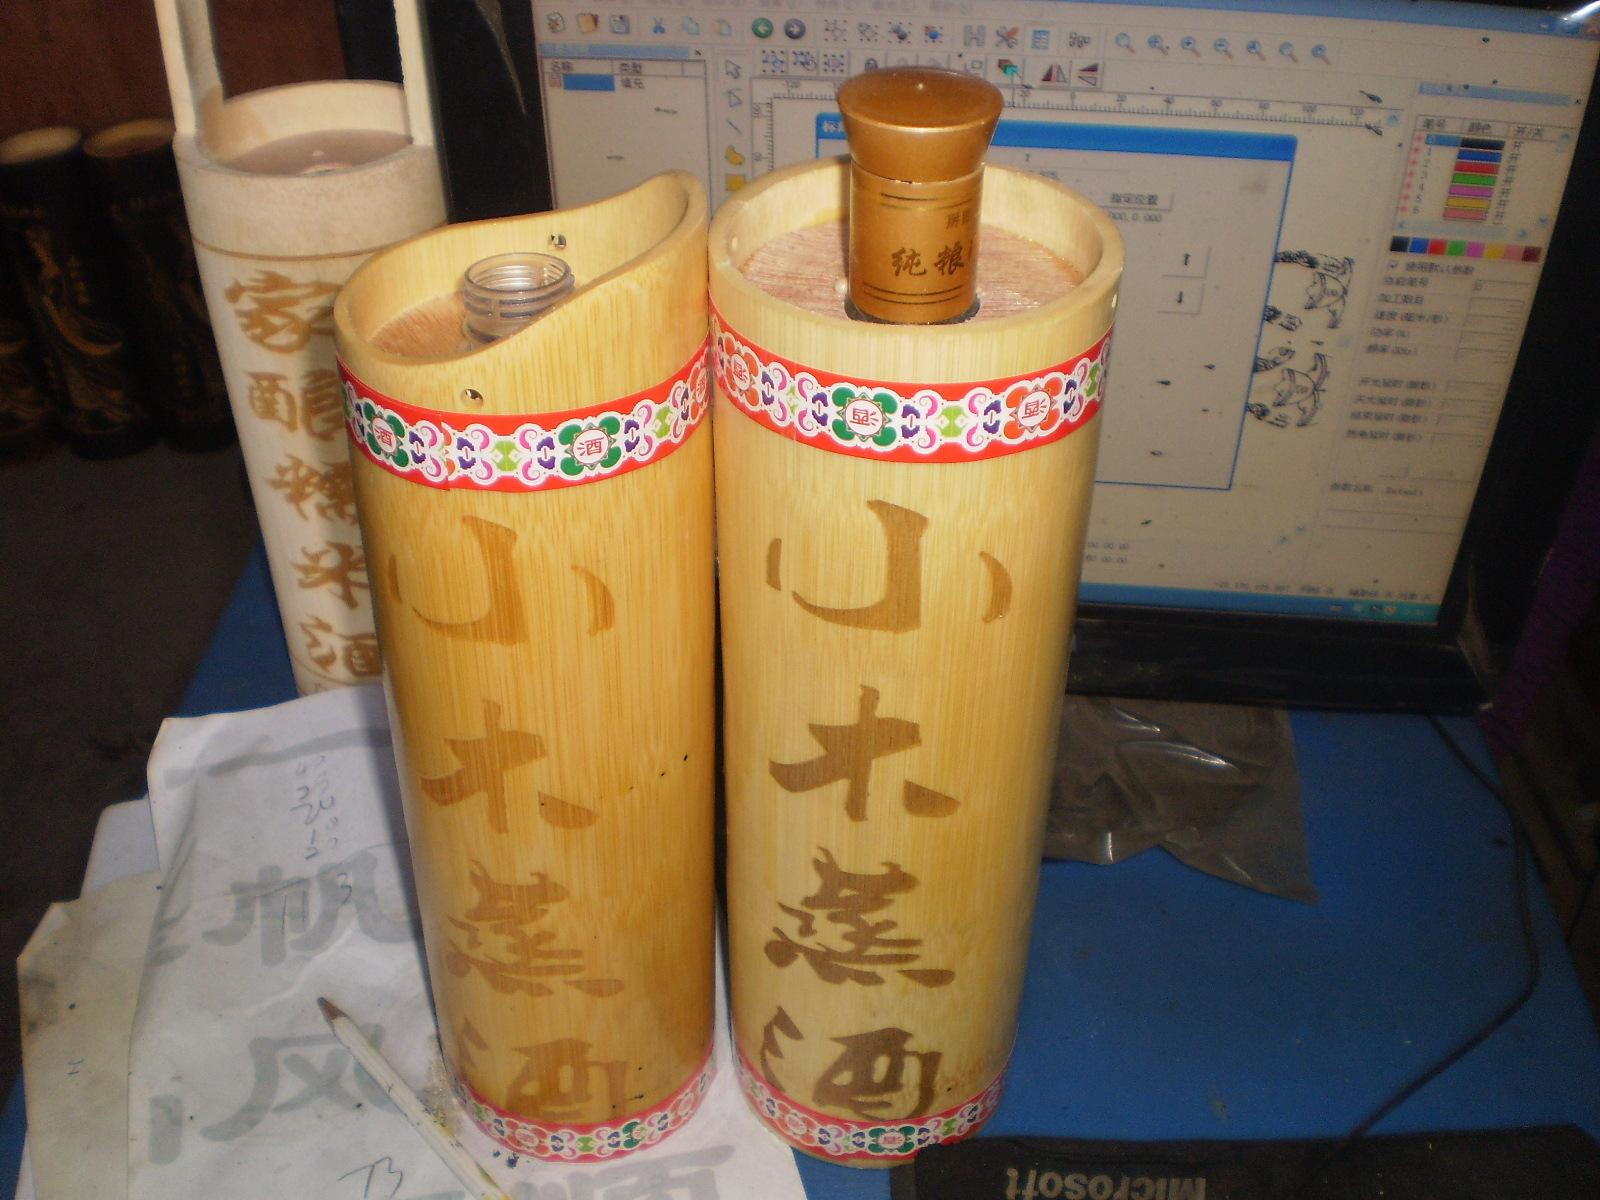 包装制品配附件-竹筒竹酒筒竹筒酒竹酒桶竹酒